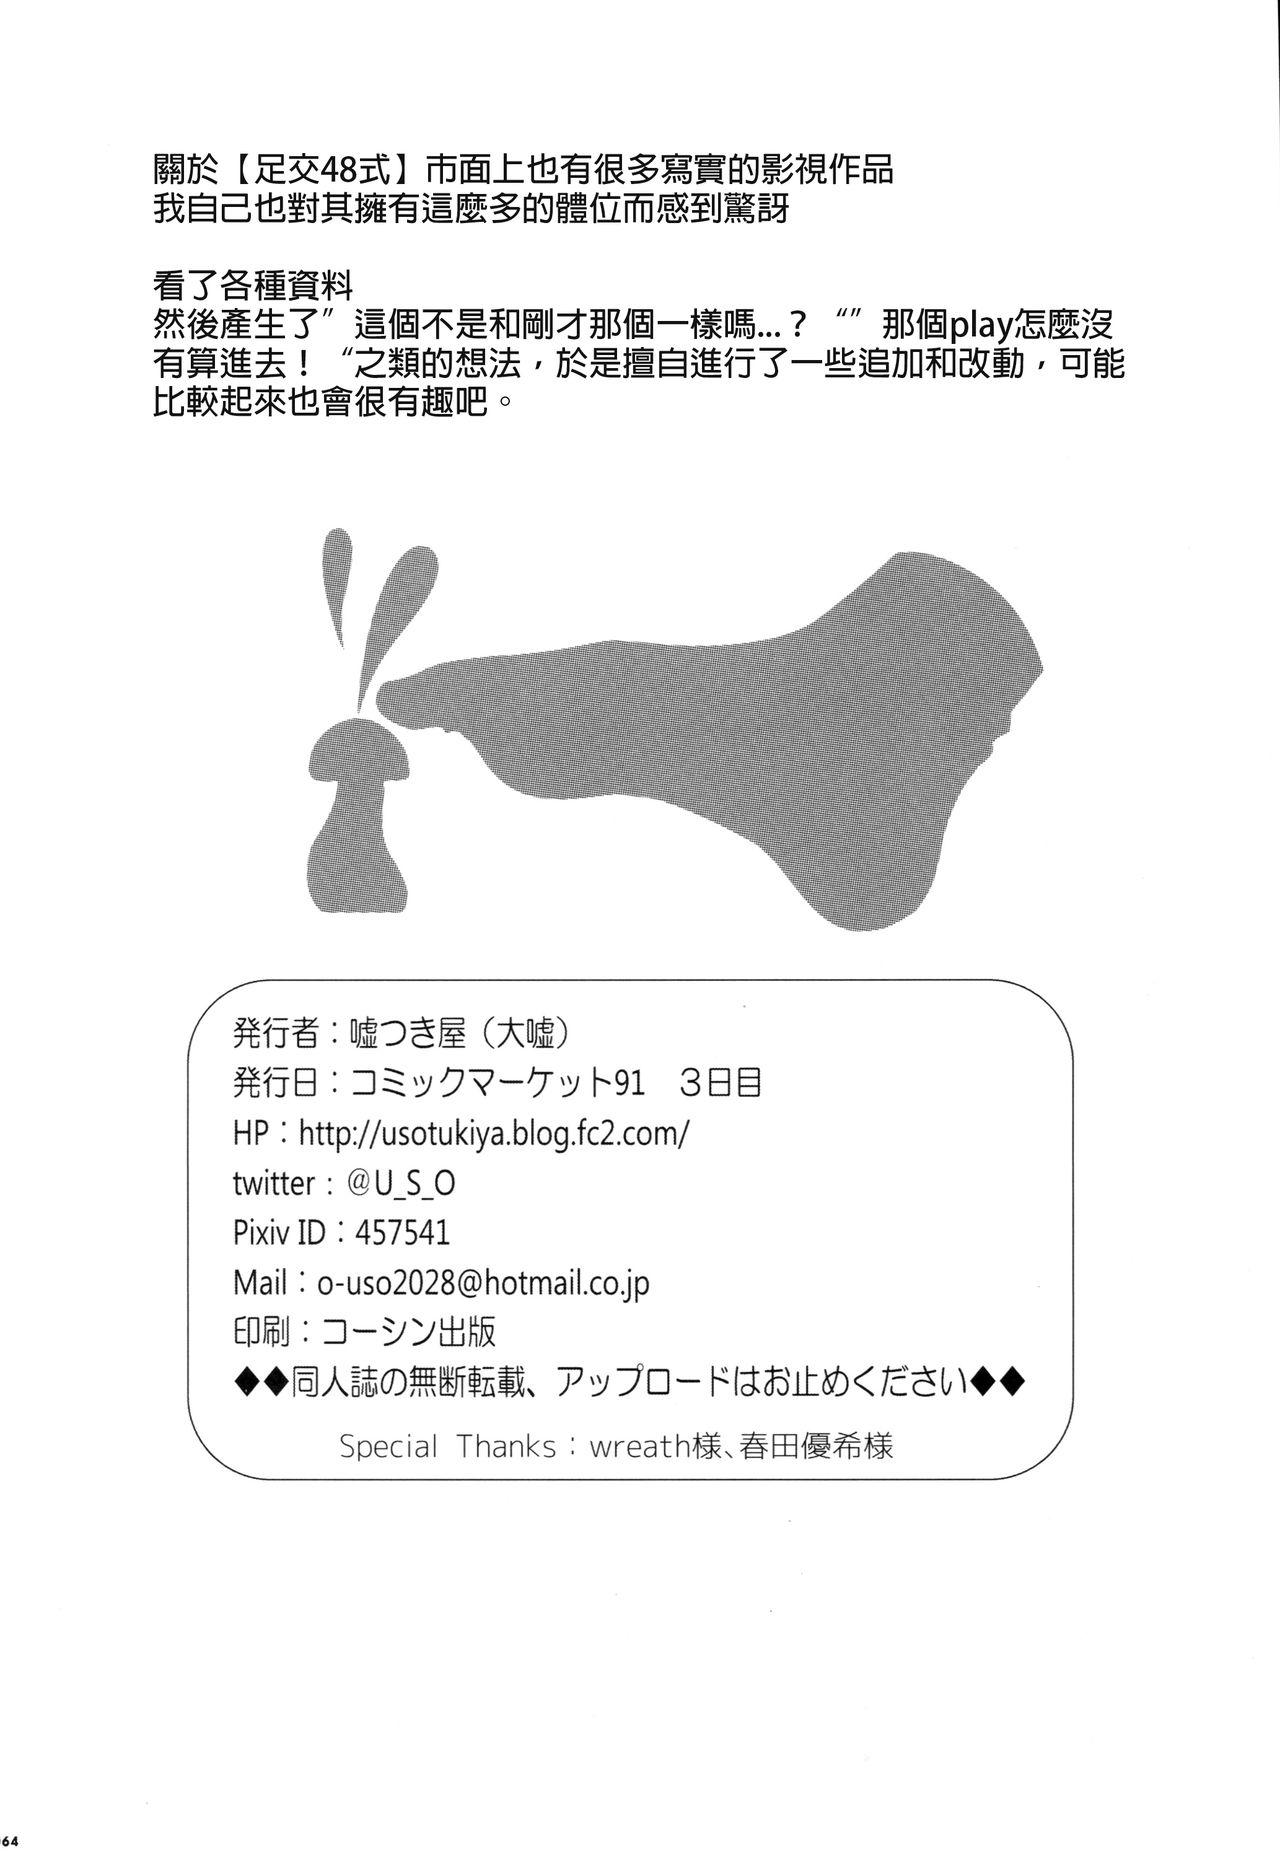 Kashima de Ashikoki 48-te | 鹿島的足交48式 63